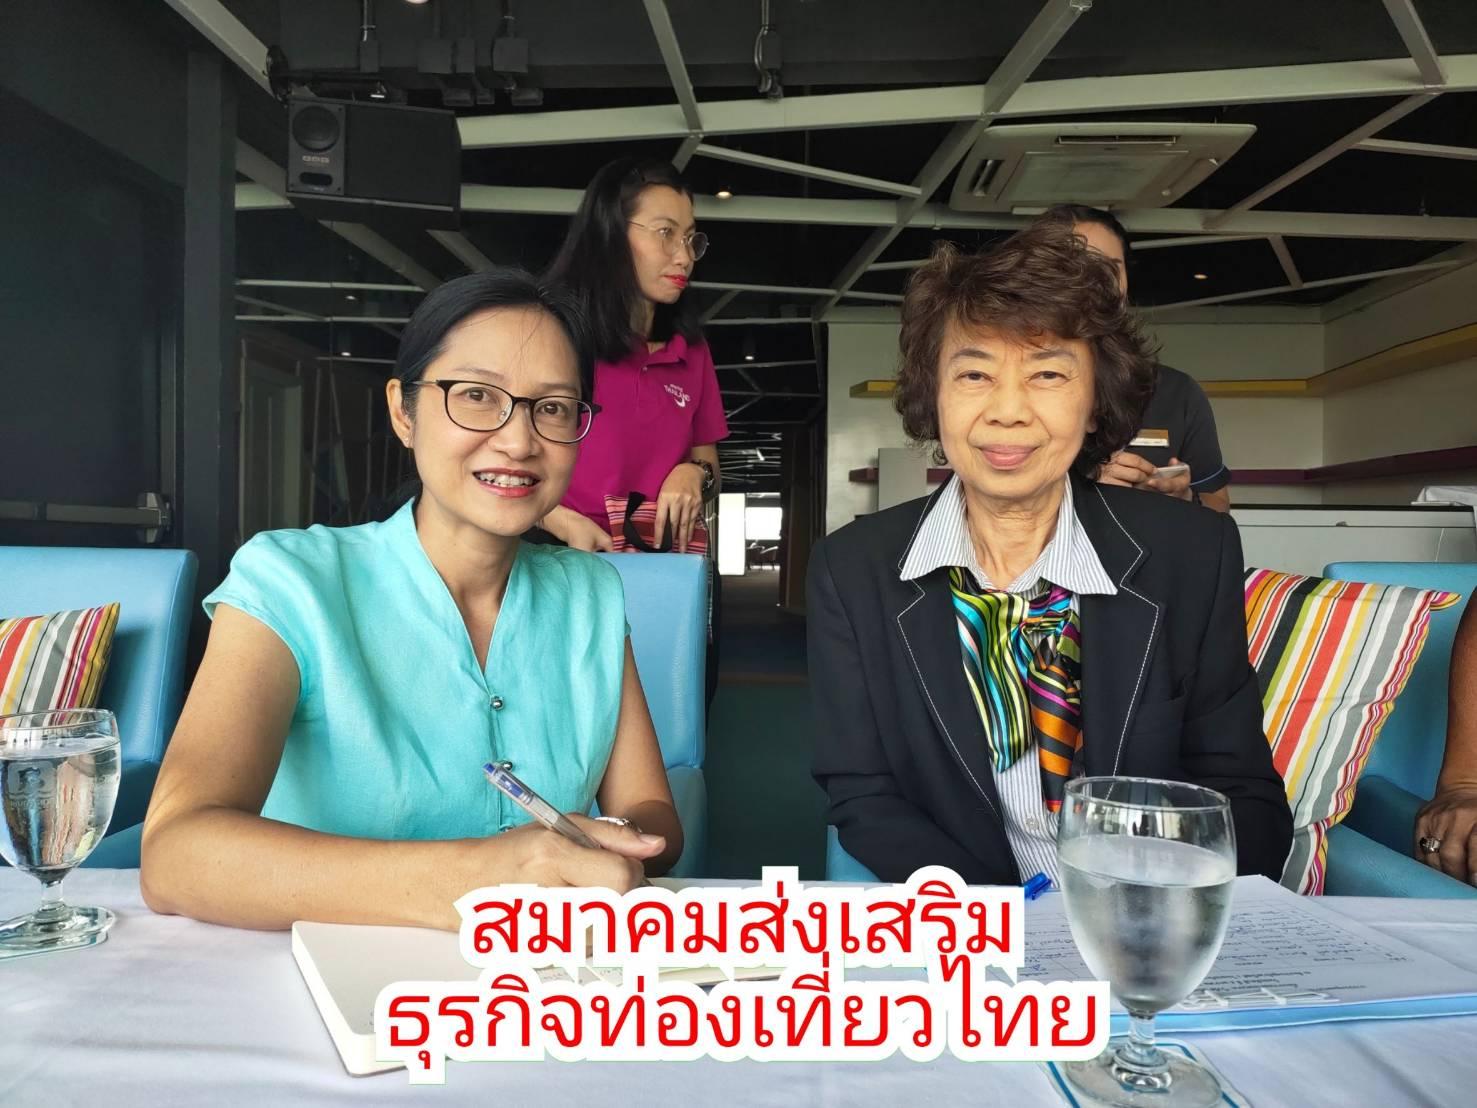 การท่องเที่ยวแห่งประเทศไทยสำนักงานกรุงเทพมหานคร ประชุมร่วมกับสมาชิกสมาพันธ์สมาคมเครือข่ายท่องเที่ยวแห่งประเทศไทย